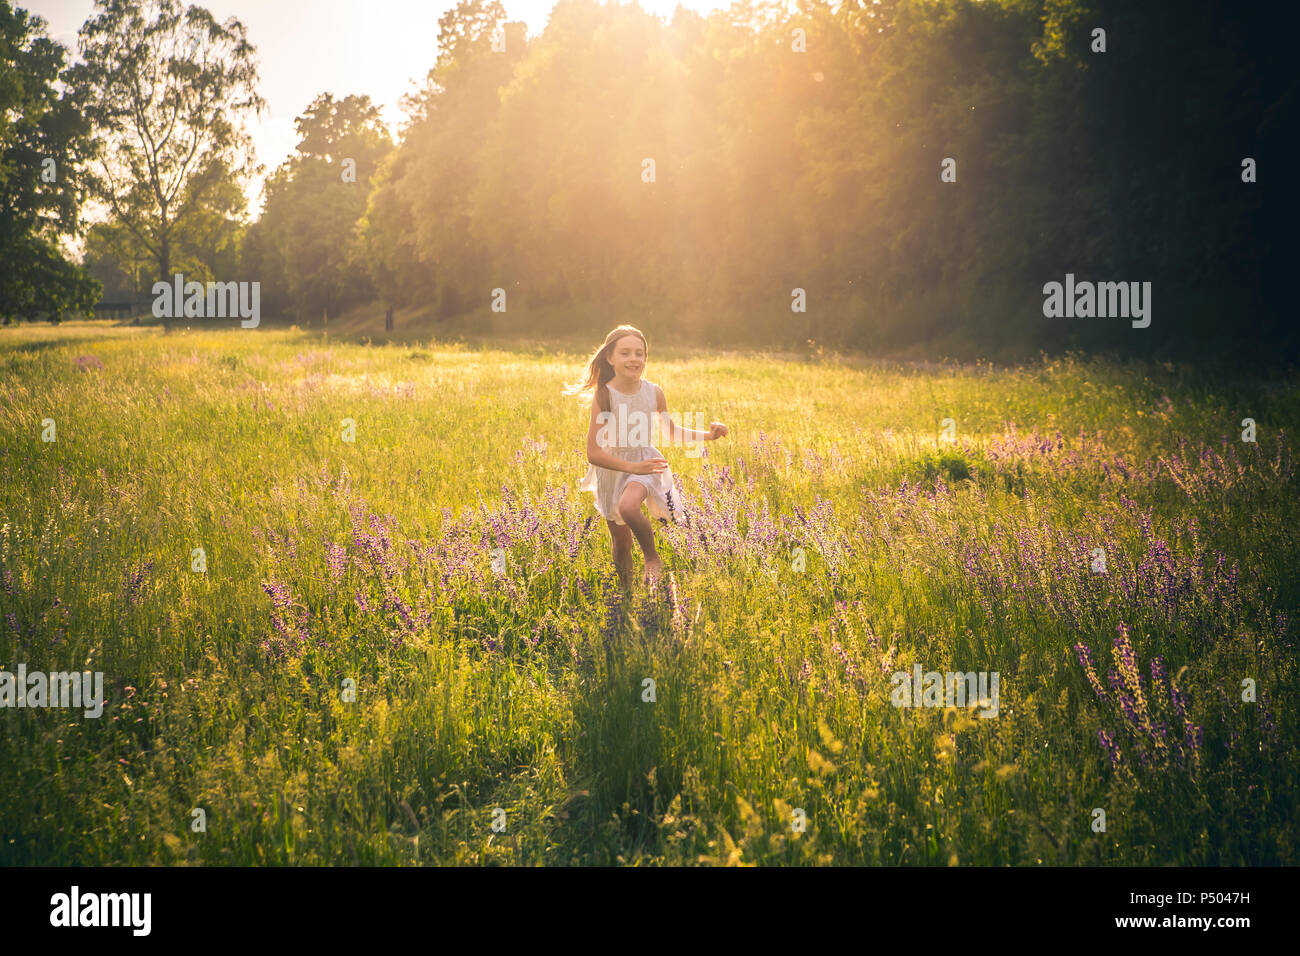 Sonriente niña corriendo en la pradera de flores en el crepúsculo de la noche Imagen De Stock